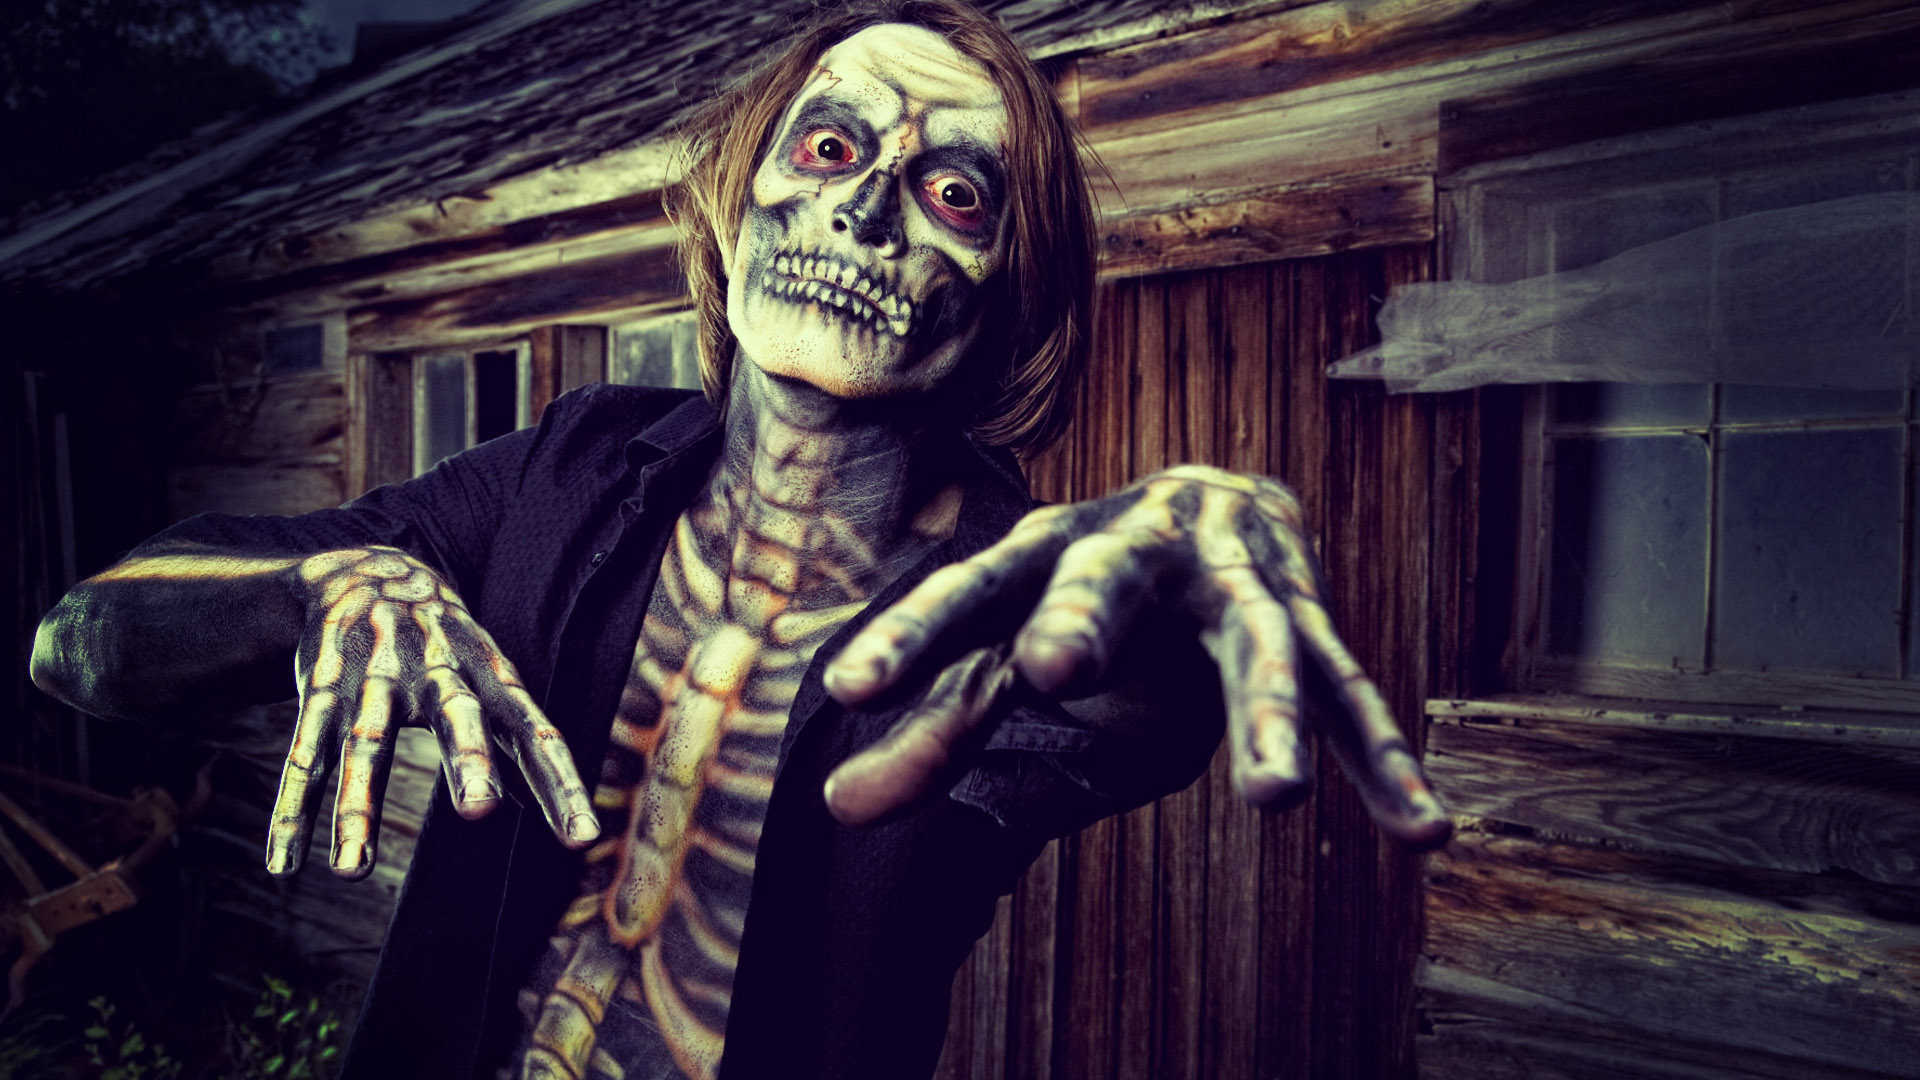 Zombie Wallpaper 1080p - WallpaperSafari